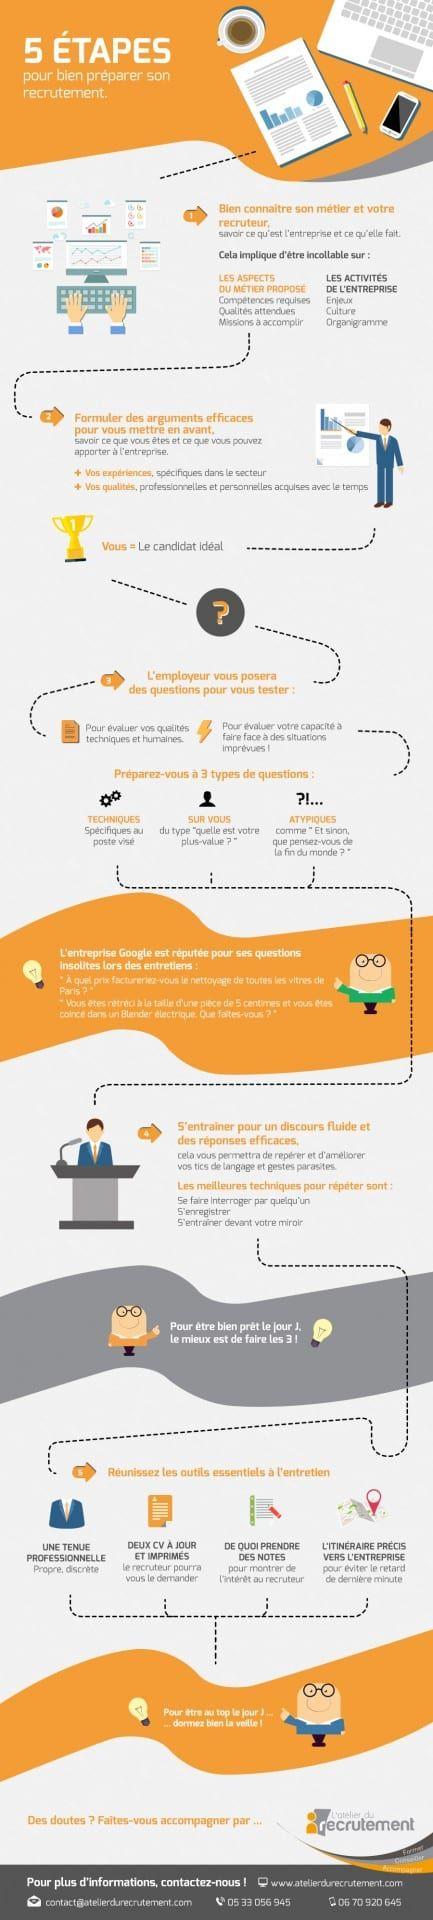 Psychology-Infographic-5-etapes-pour-bien-preparer-son-recrutement Psychology Infographic : 5 étapes pour bien préparer son recrutement